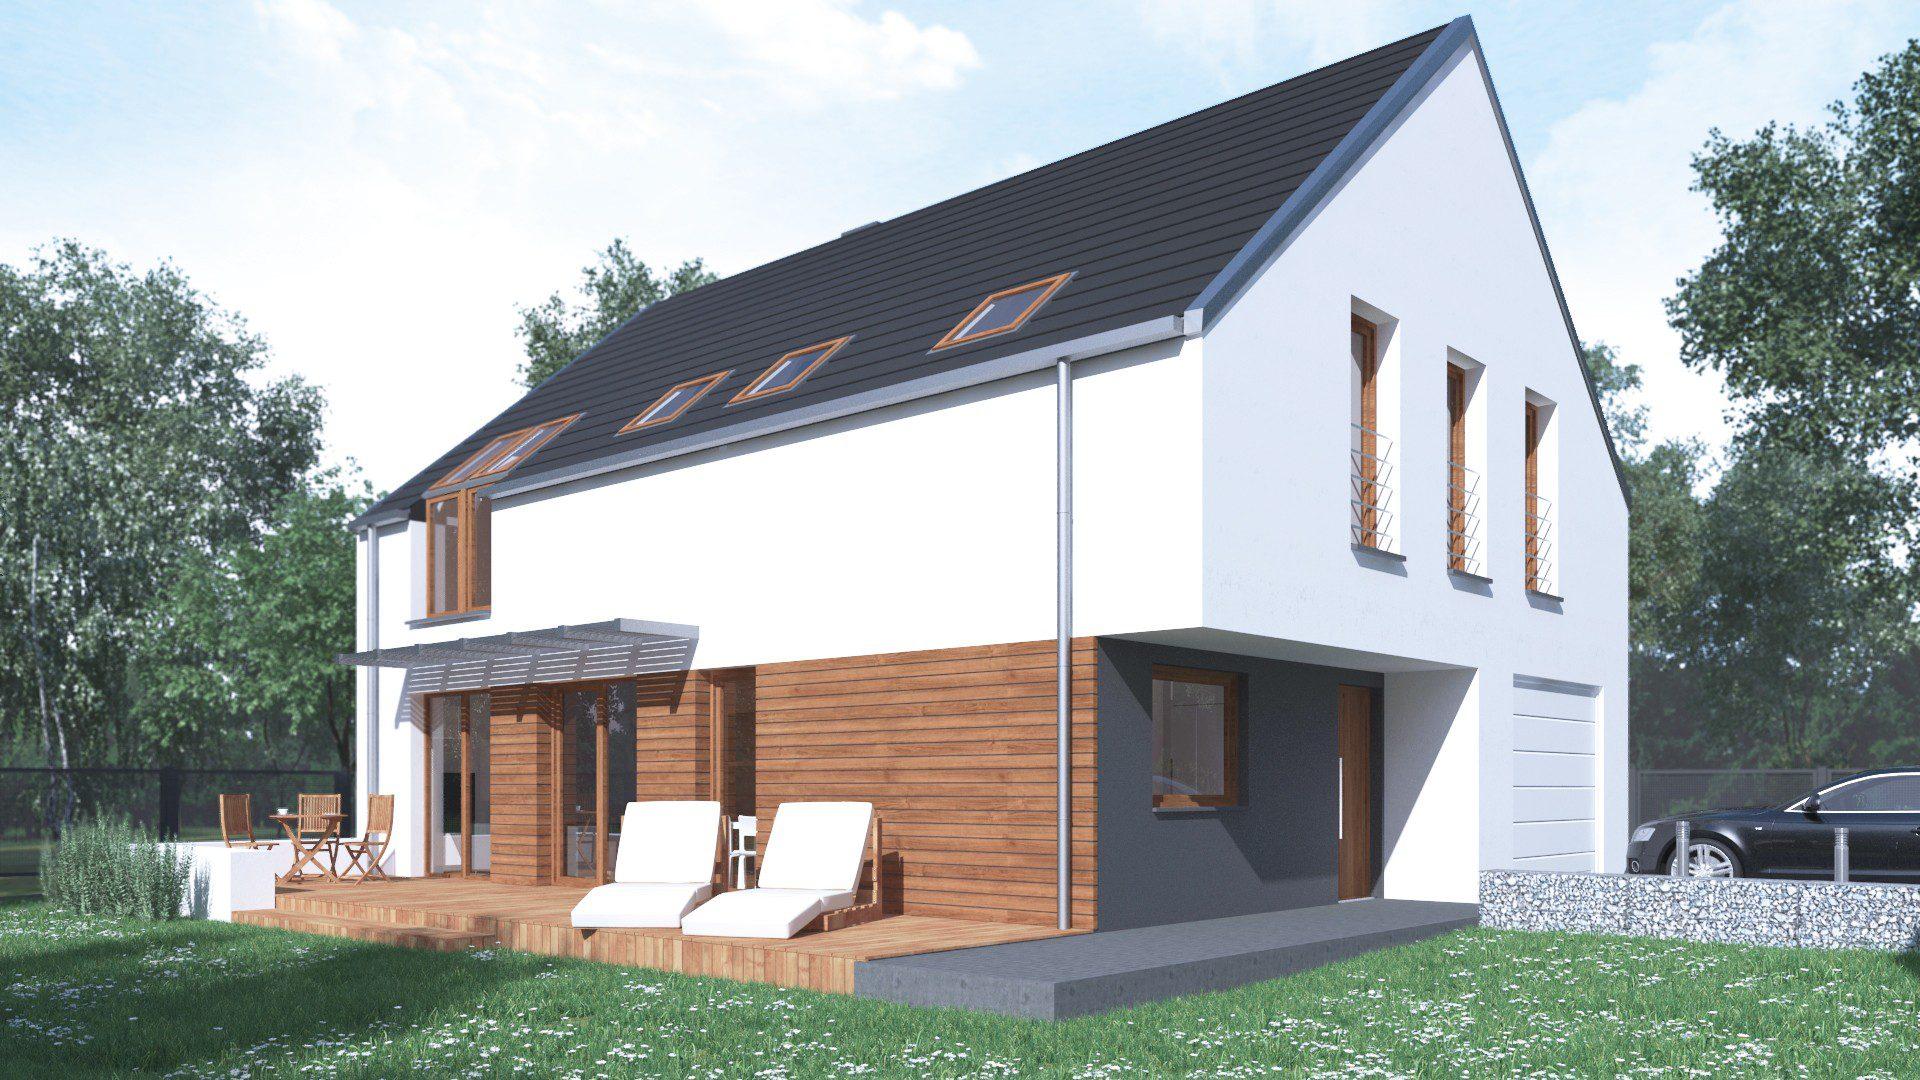 projekt budowlany domu jednorodzinnego